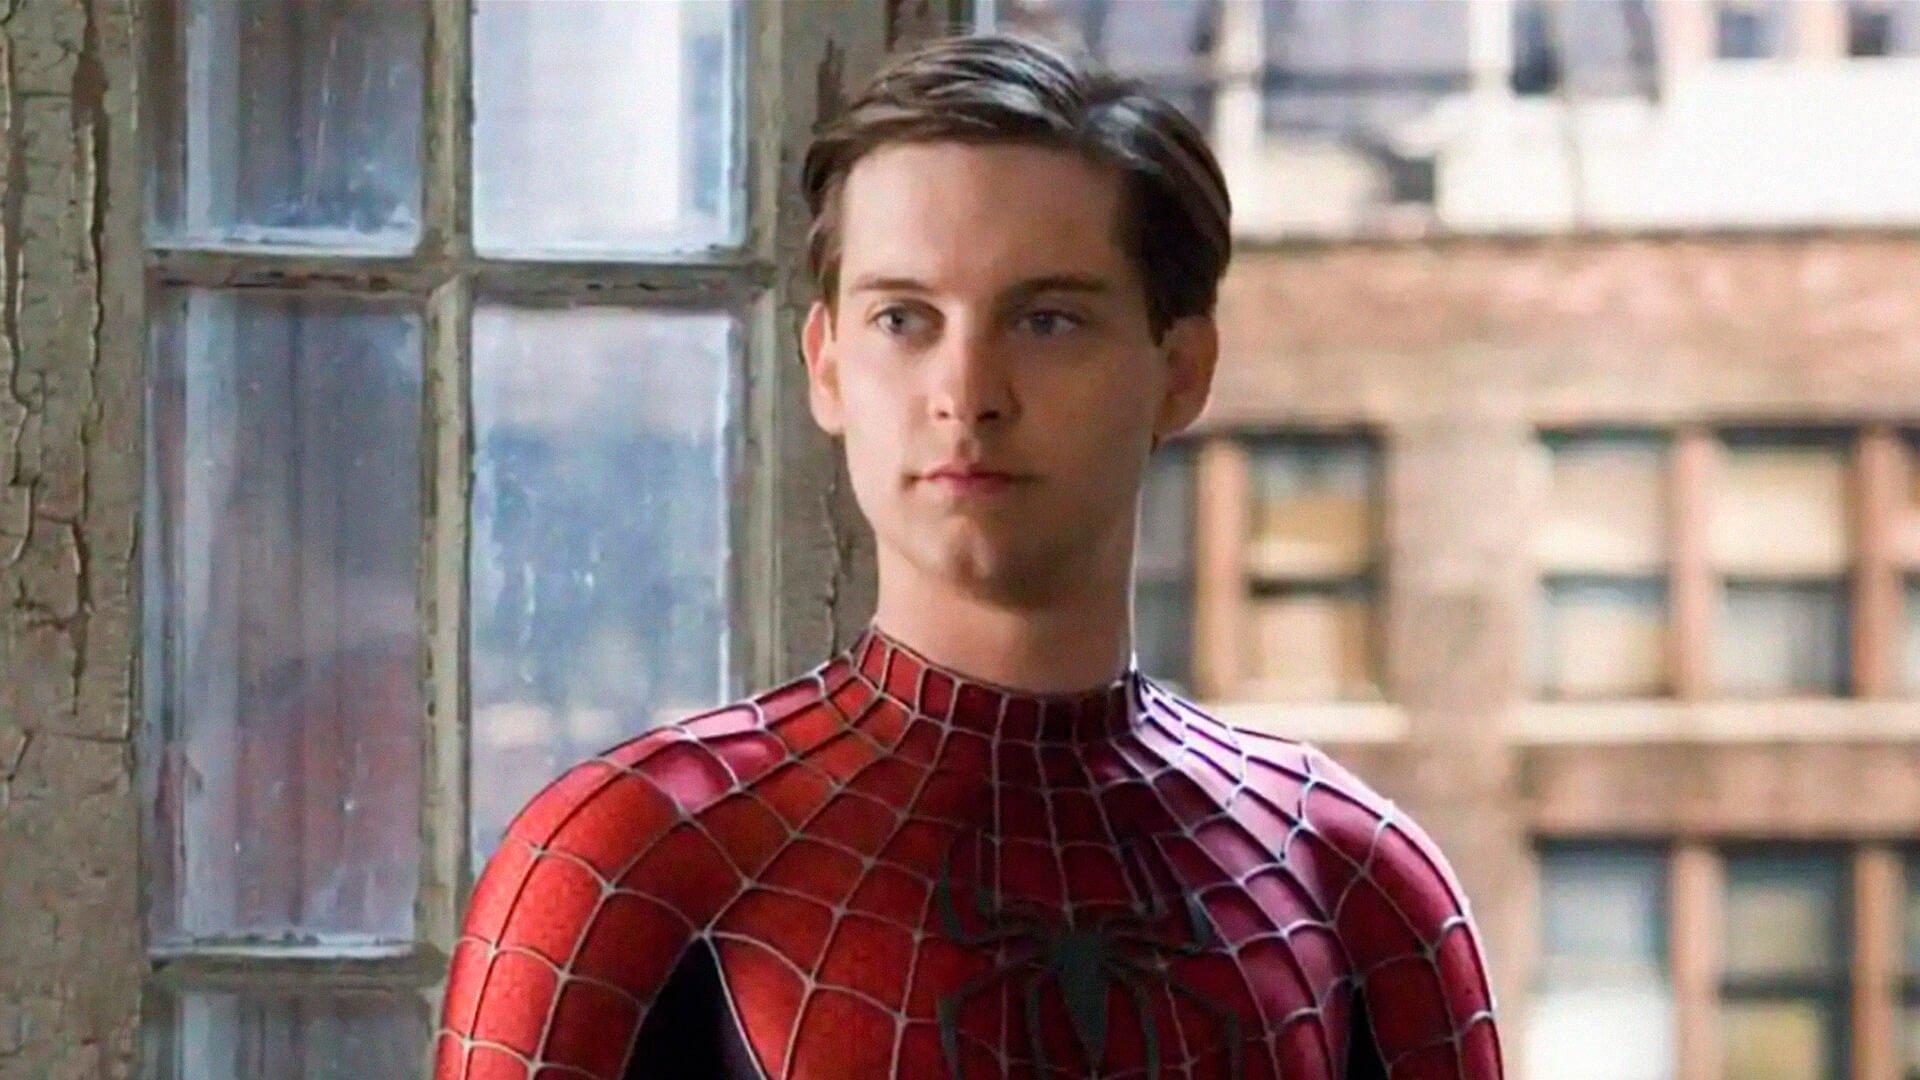 Tobey Maguire pode voltar a ser o Homem Aranha em breve, no universo da Marvel, pelo menos é isso que diz fontes do site We Got This Covered.